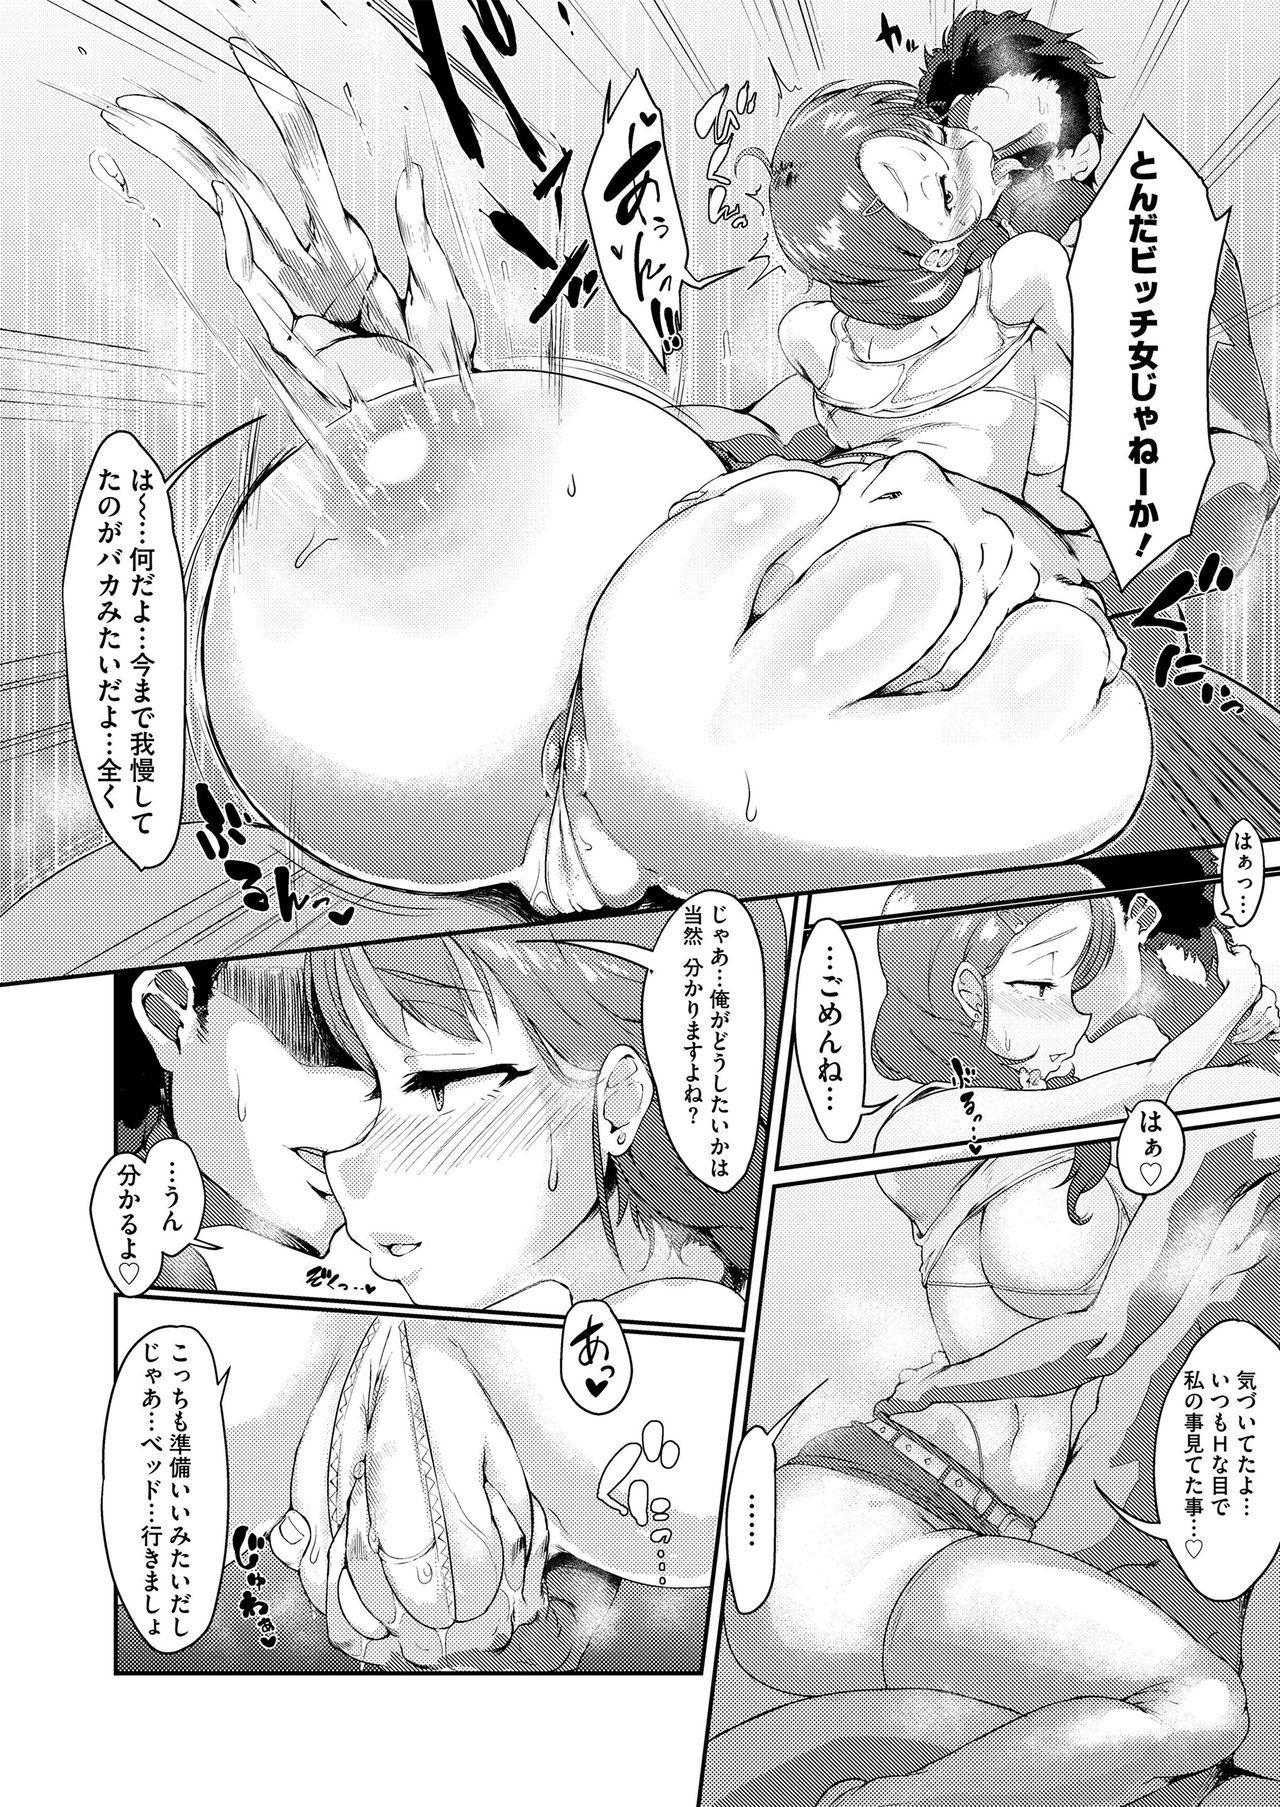 hatsujou densen ~iroka de madowasu bitchi na mesu dachi~ 53